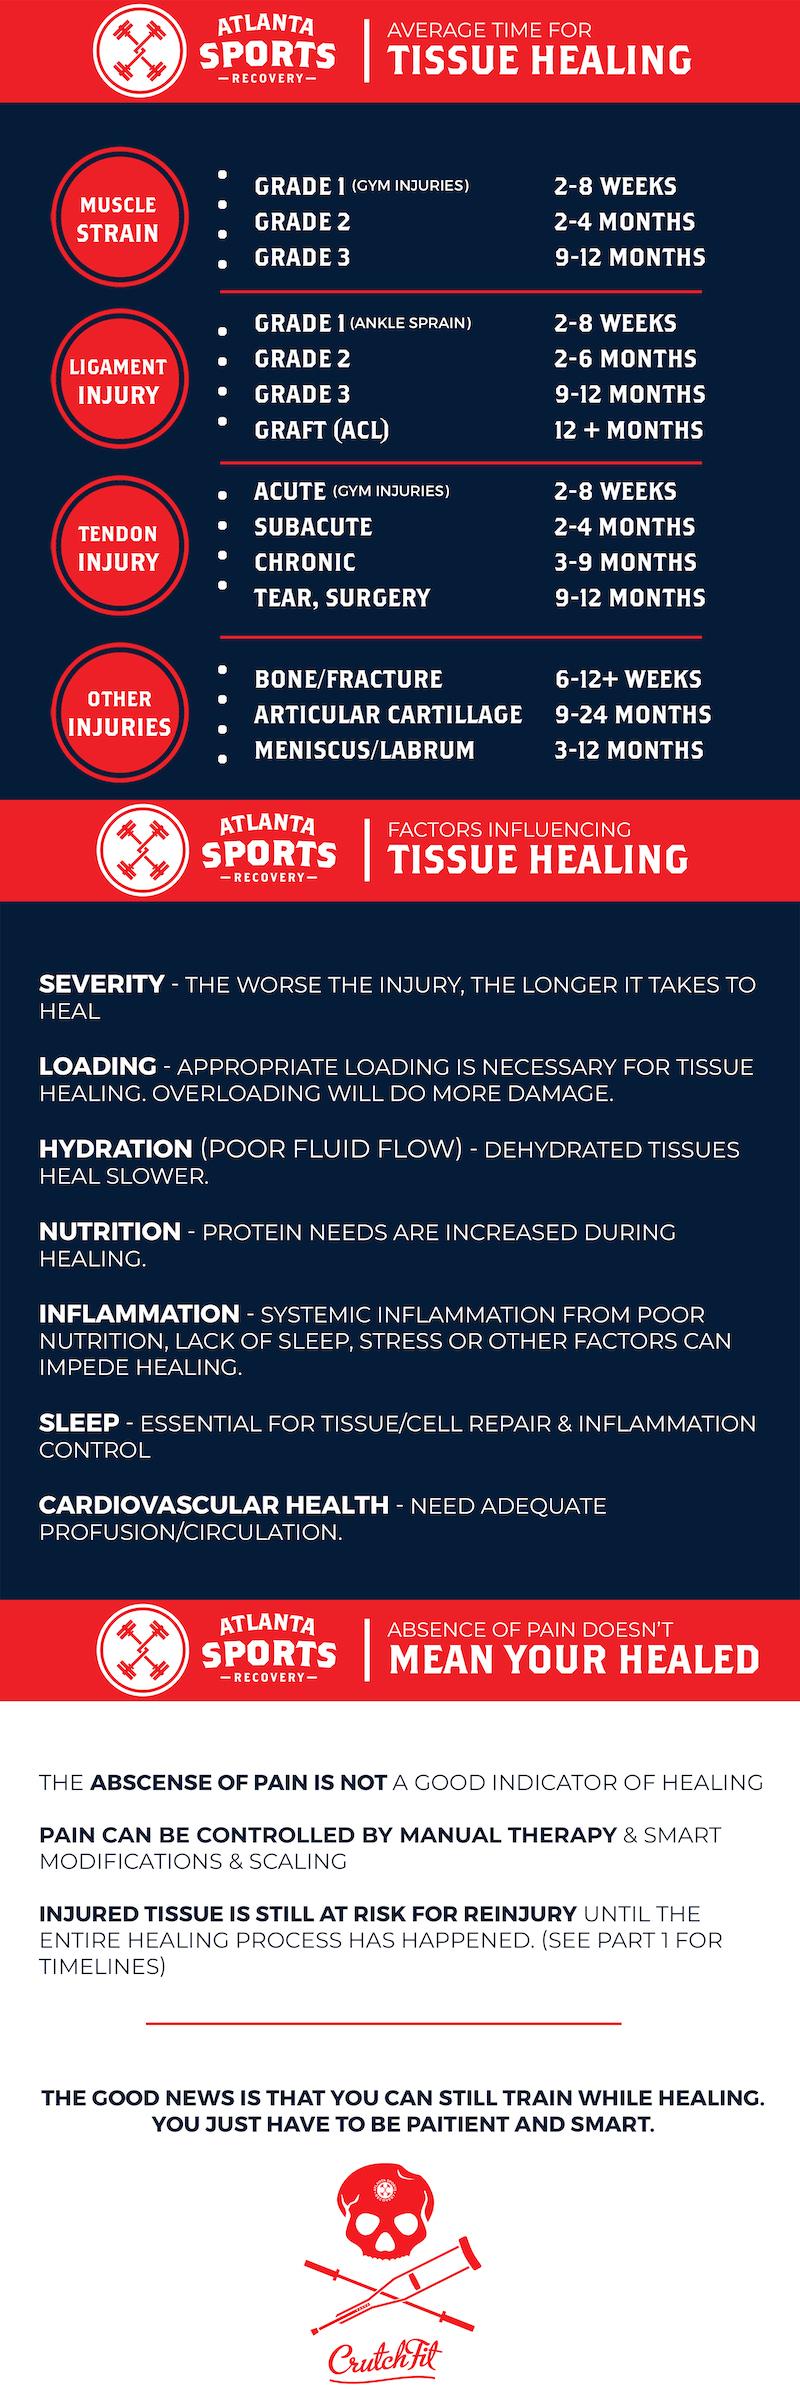 tissue healing timeline